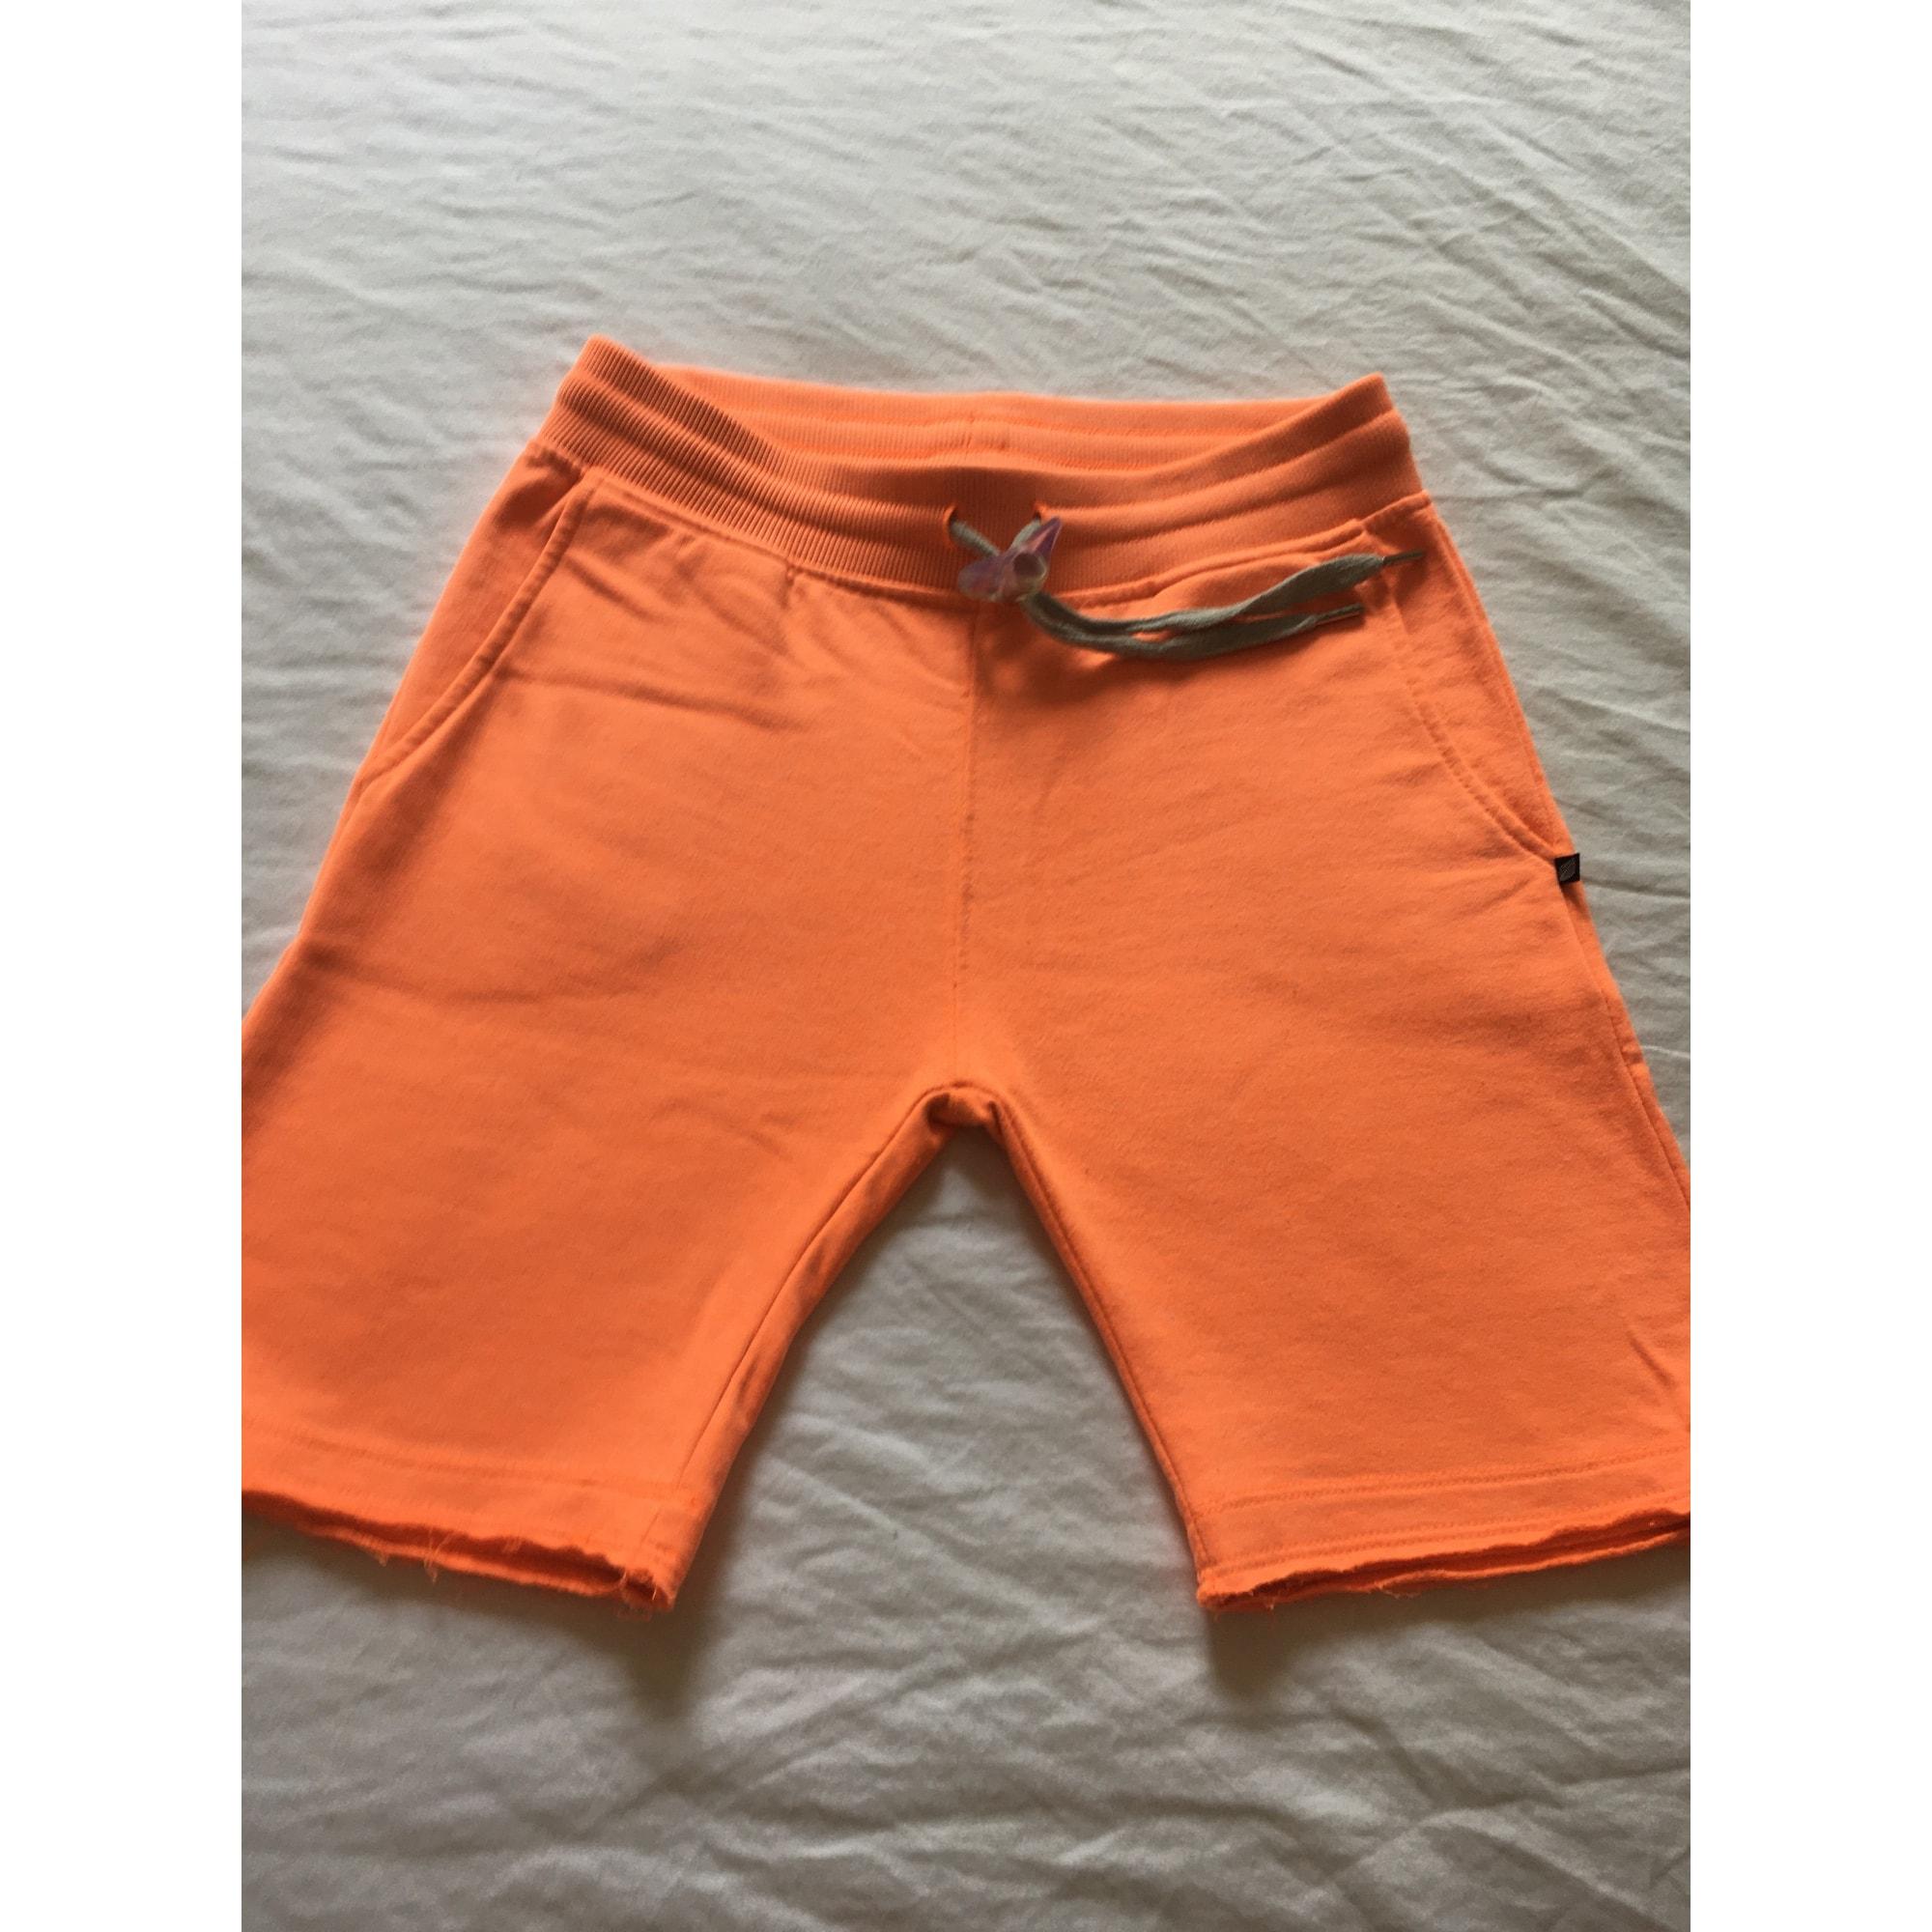 Short SWEET PANTS Orange